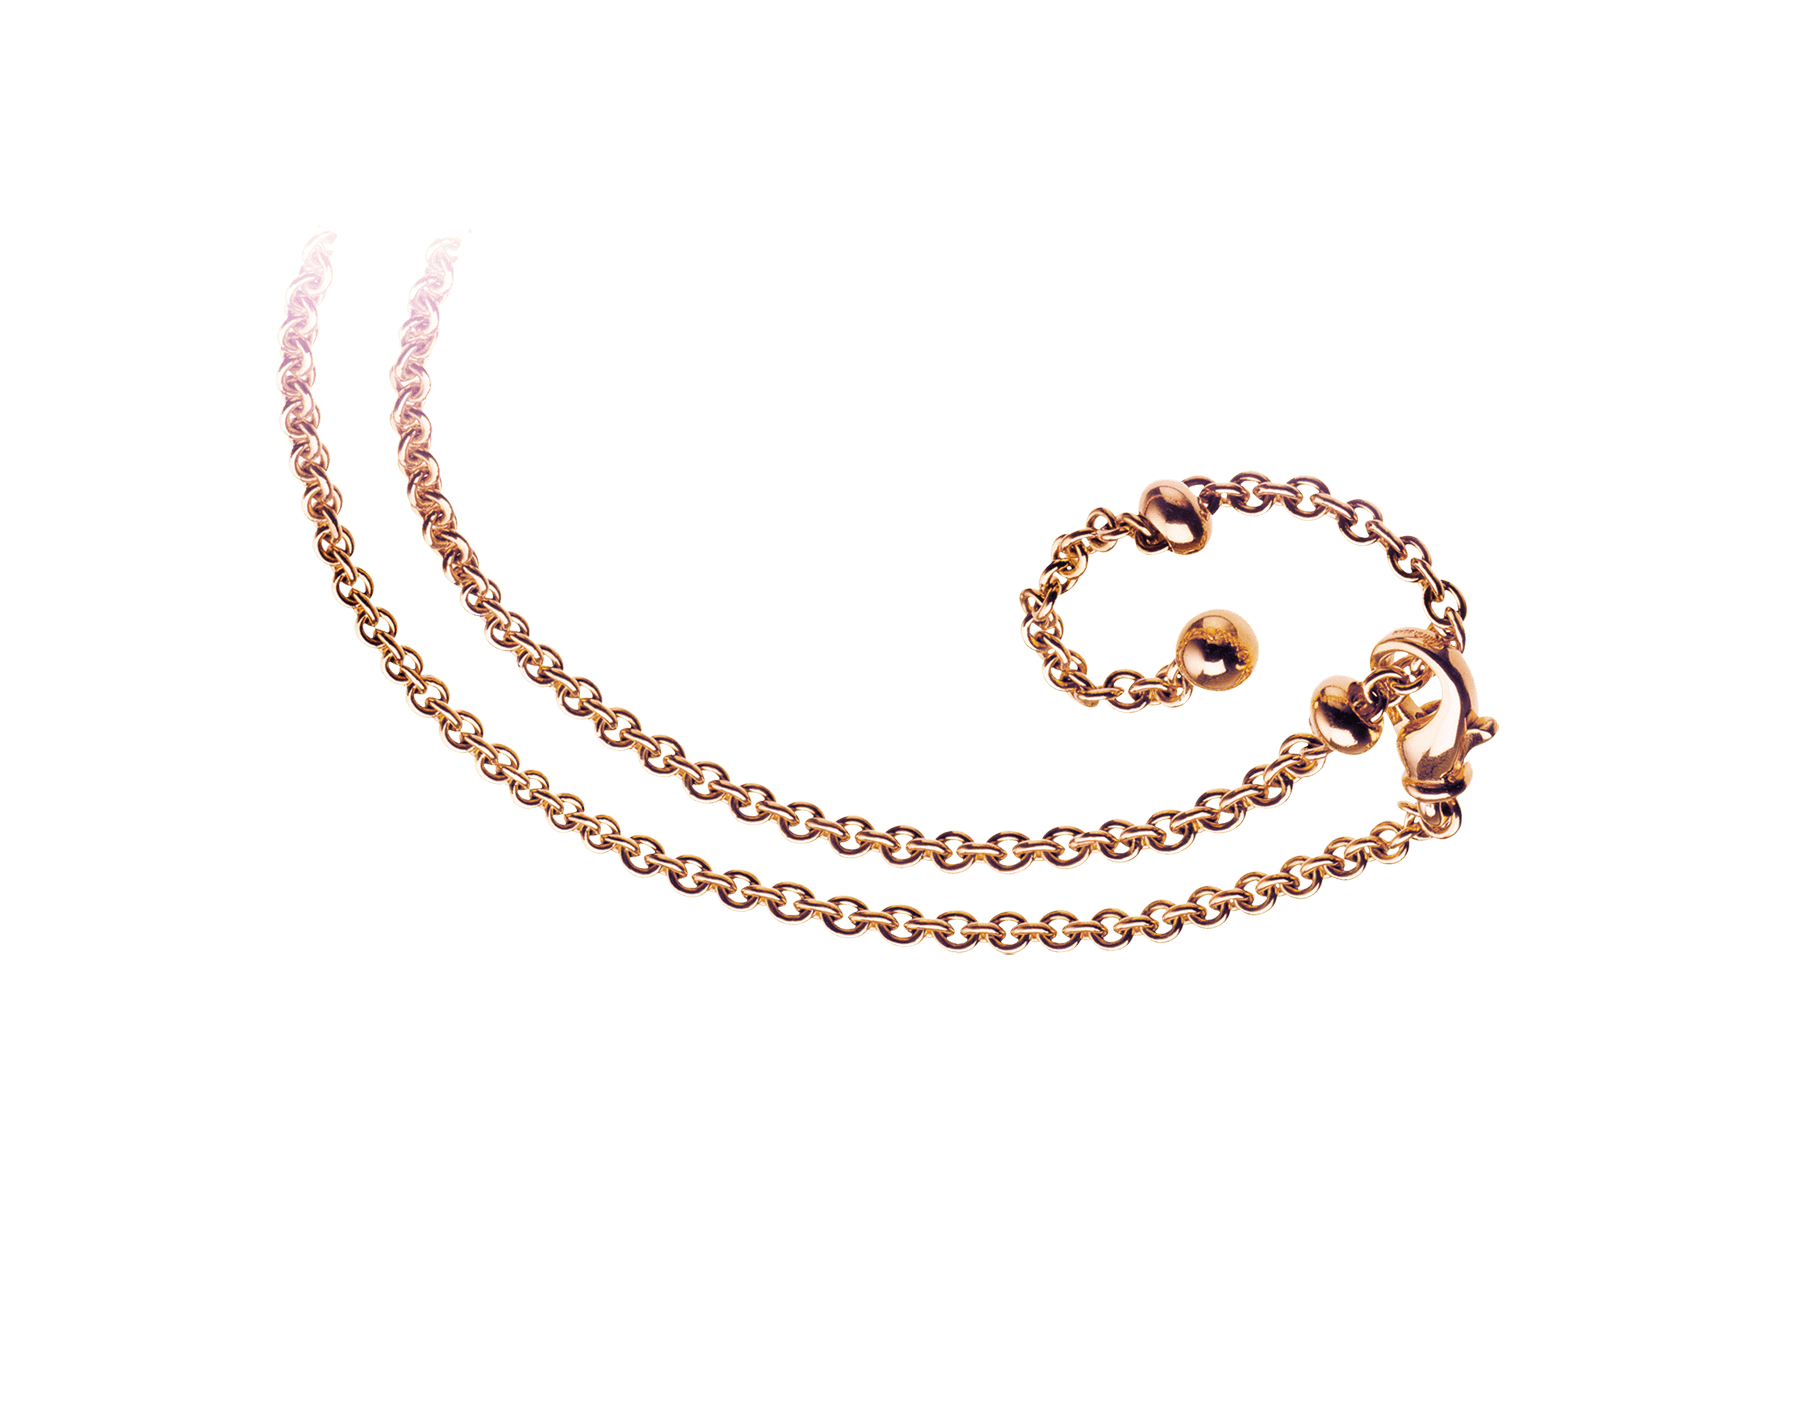 Catene Collier aus 18Karat Roségold in drei Längenoptionen 356114 image 1